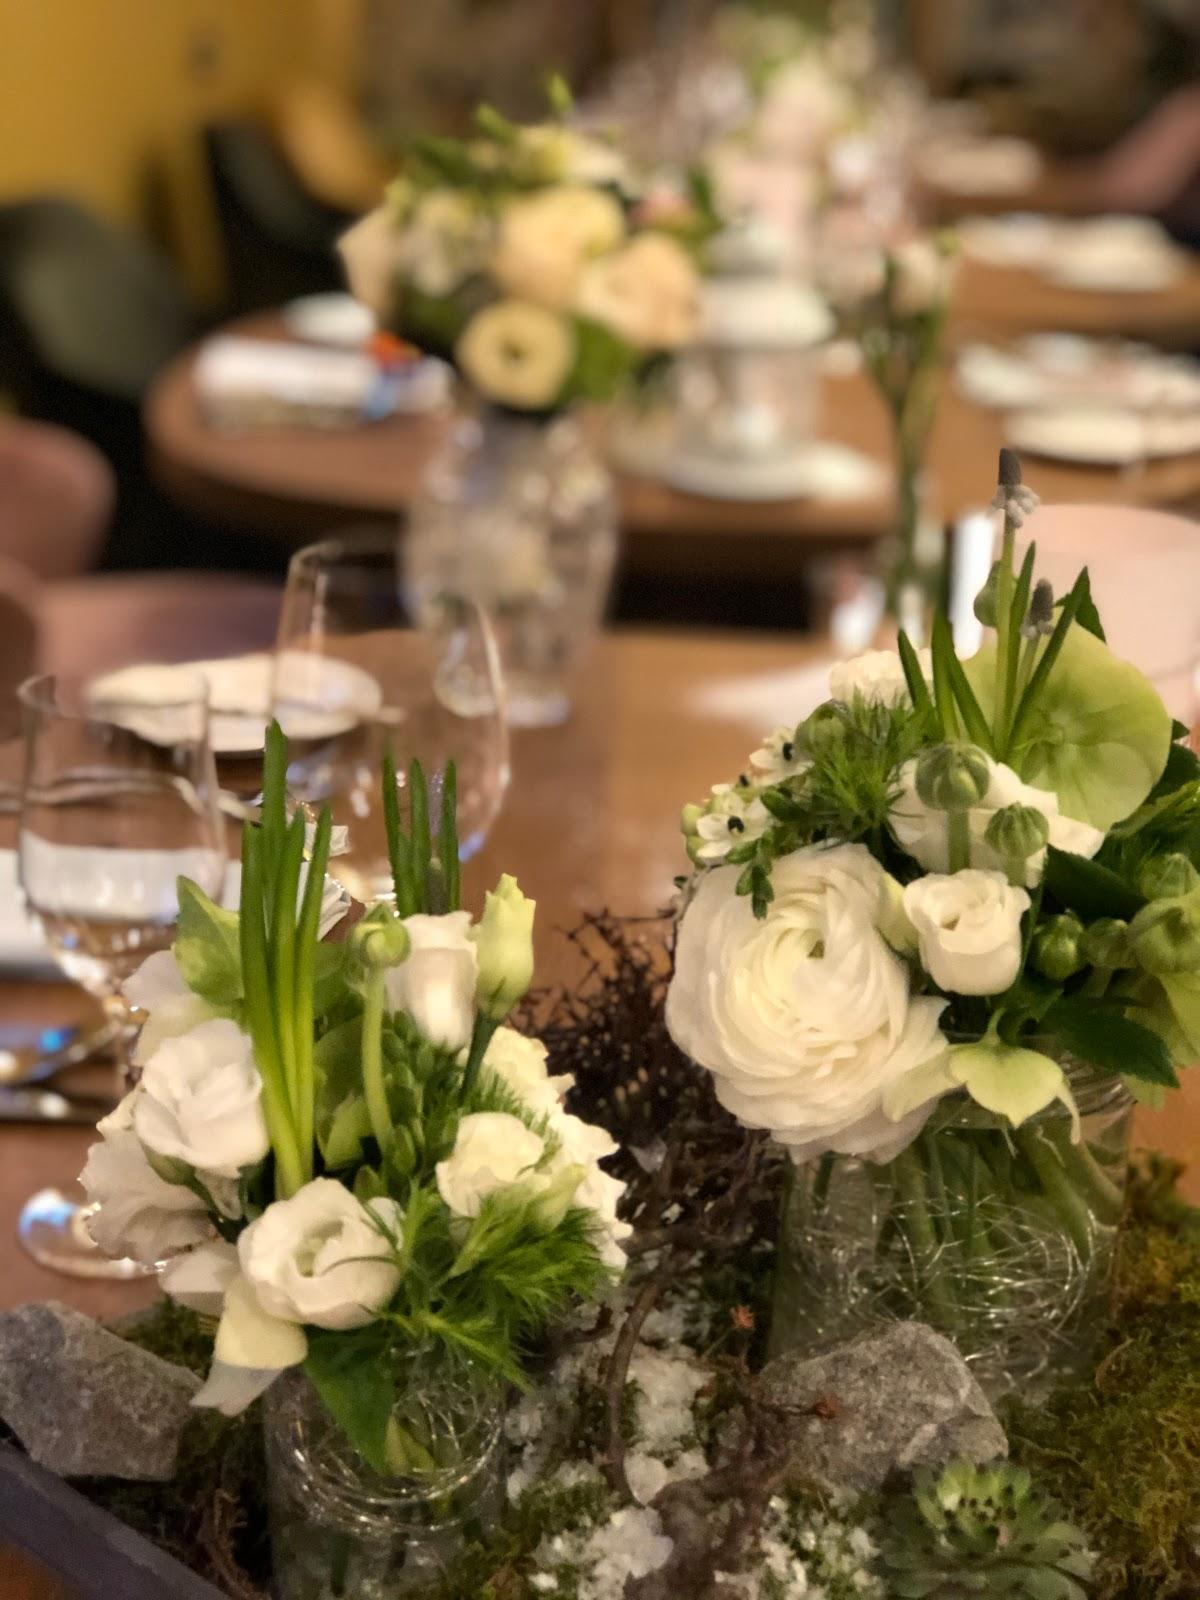 Hochzeitstafel, Winterhochzeit in Garmisch-Partenkirchen, 4Eck Restaurant, heiraten in Garmisch, Hochzeitslocation, standesamtliche Trauung, Hochzeitsplanung 4 weddings & events, Hochzeitsplanerin Uschi Glas